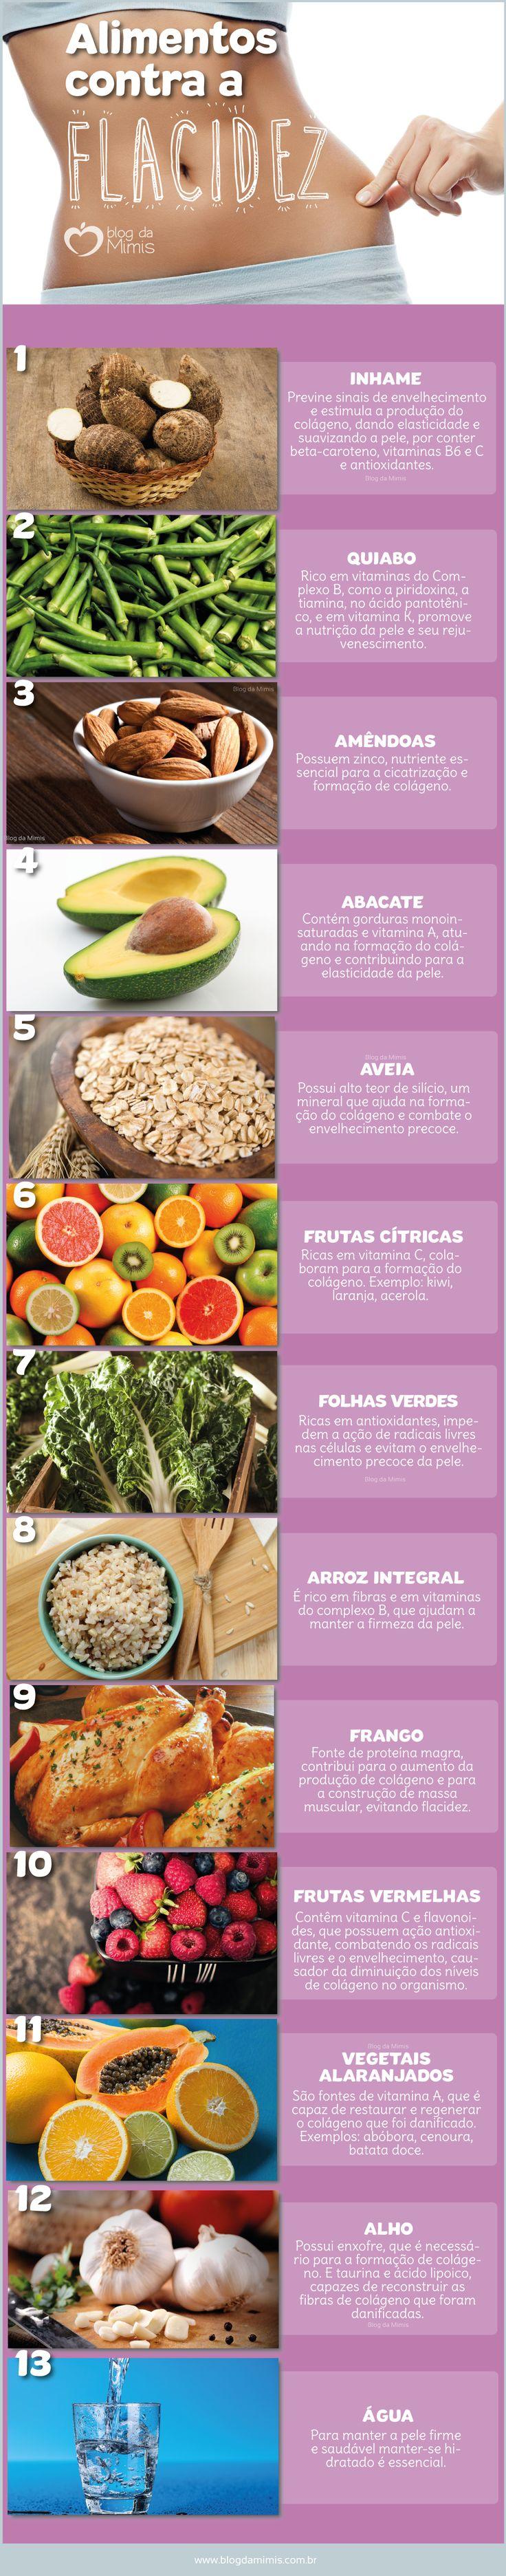 Alimentos contra a flacidez - Blog da Mimis #flacidez #alimentos #alimentação #dieta #saudável #beleza #colágeno #pele #corpo #body #celulite